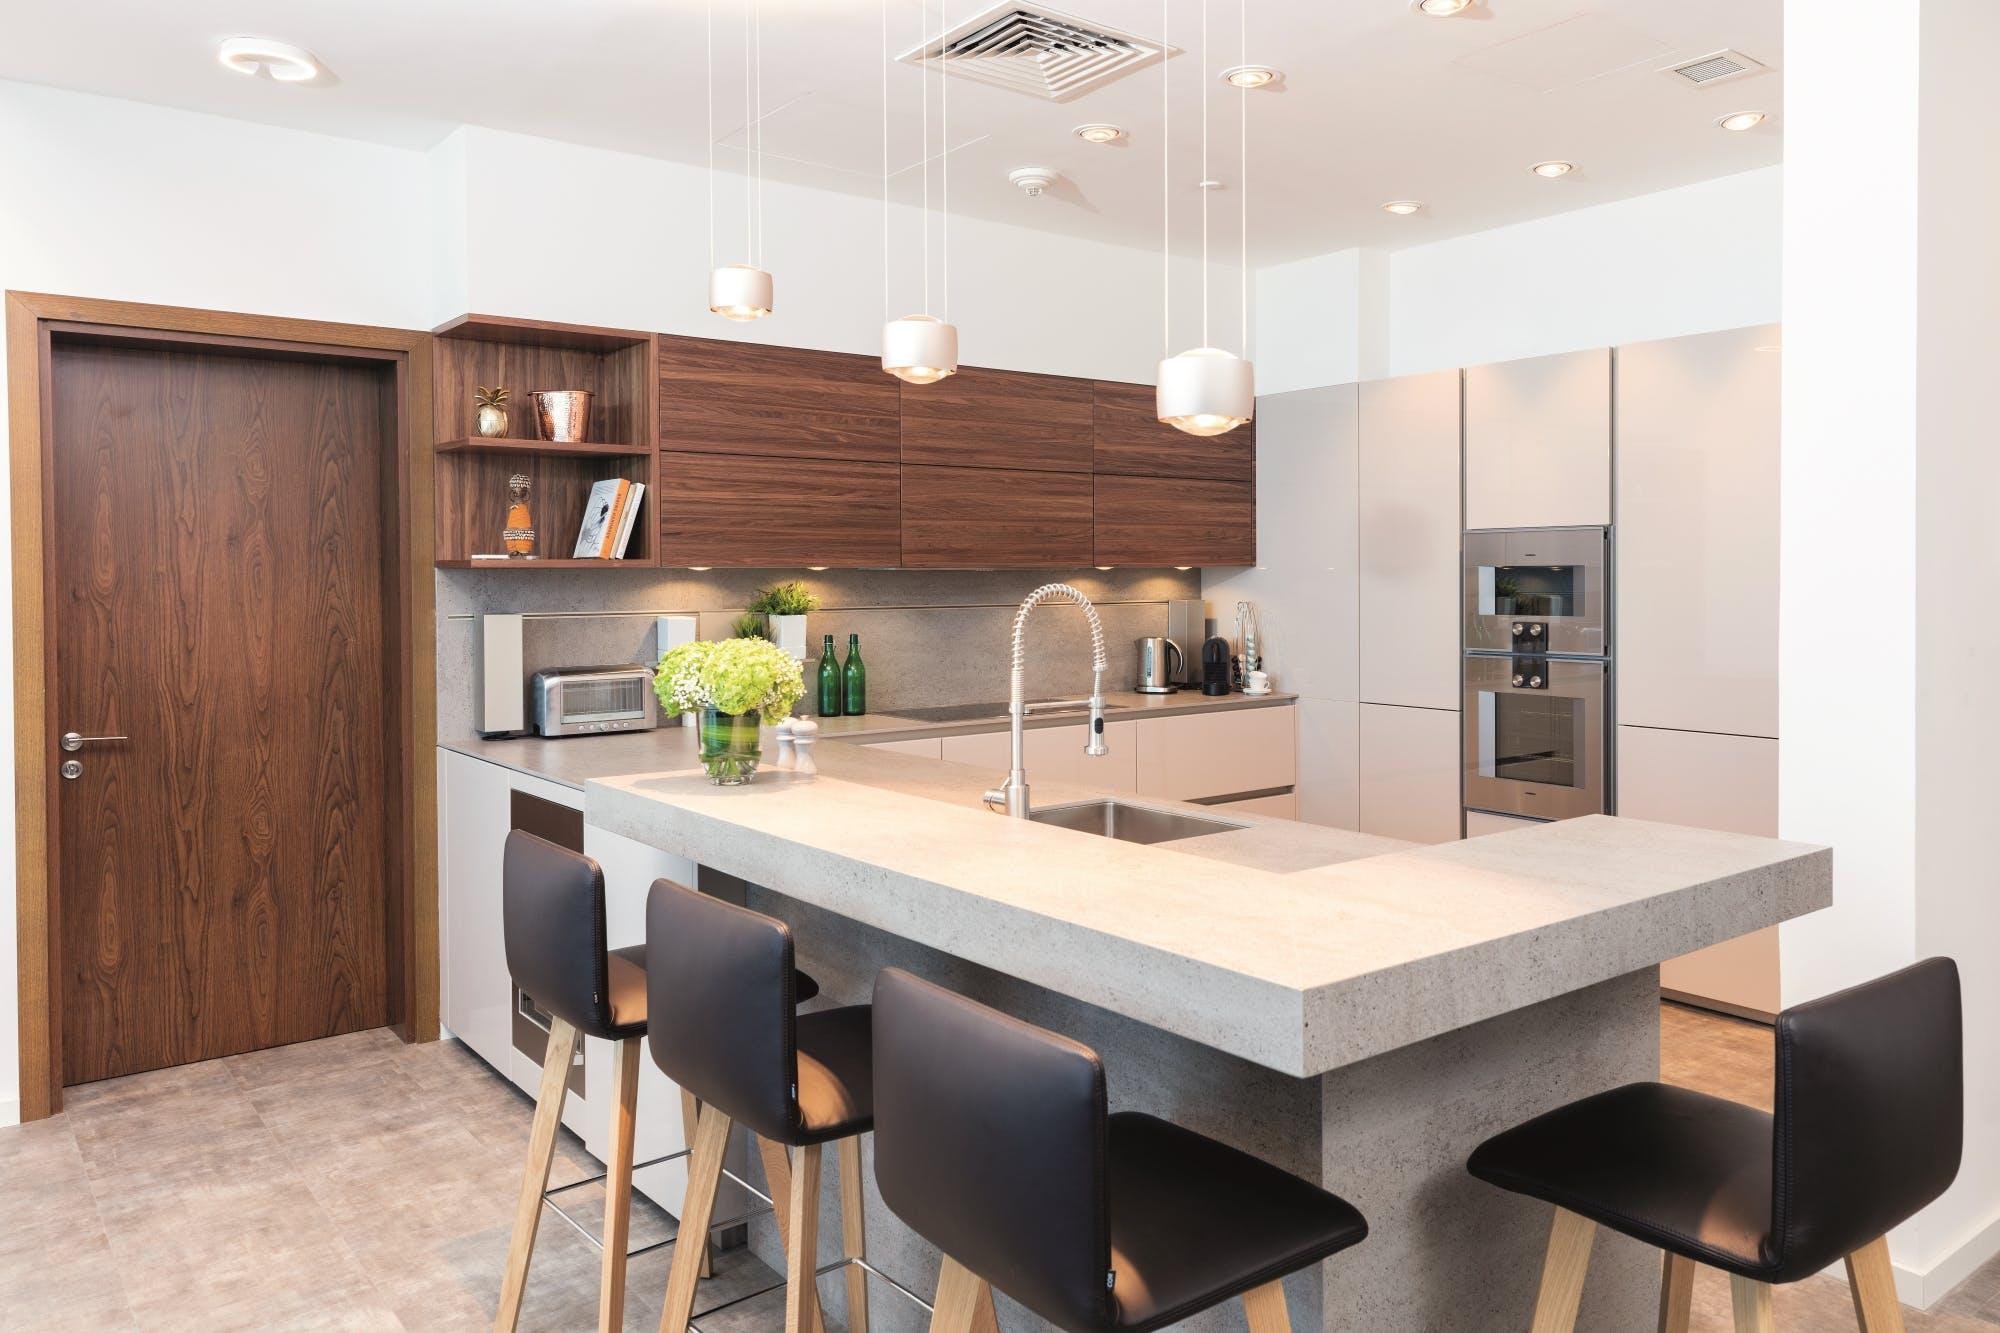 Image of MHEfinal in La cocina futurista de Oliver Goettling: diseño y funcionalidad en un espacio mínimo - Cosentino